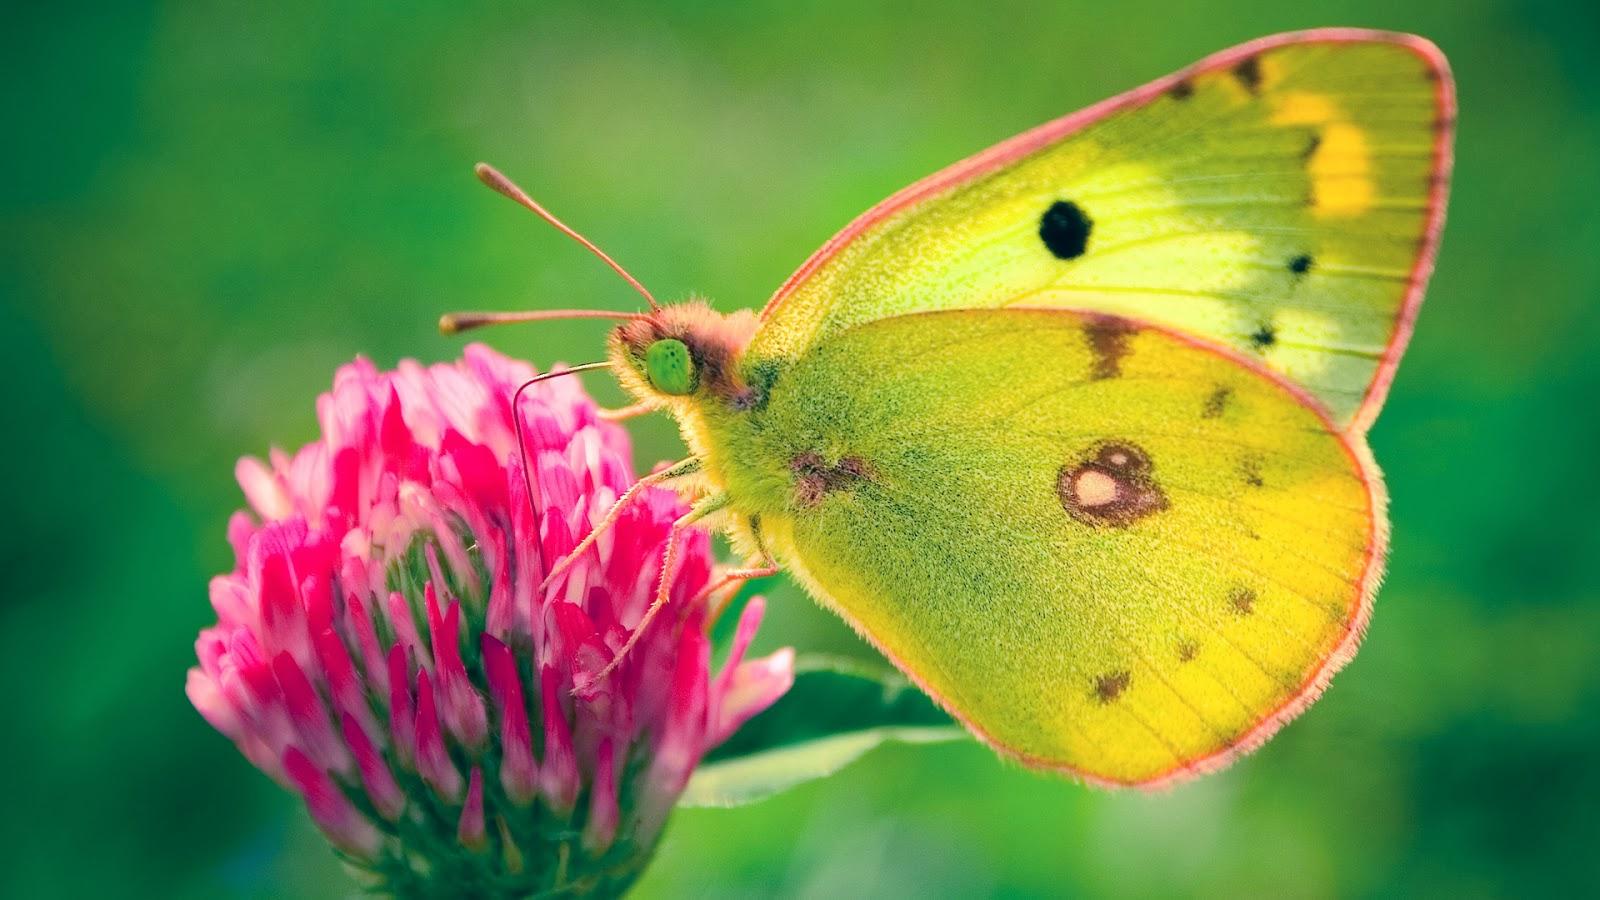 menakjubkan-kupu-kupu-hd-wallpaper